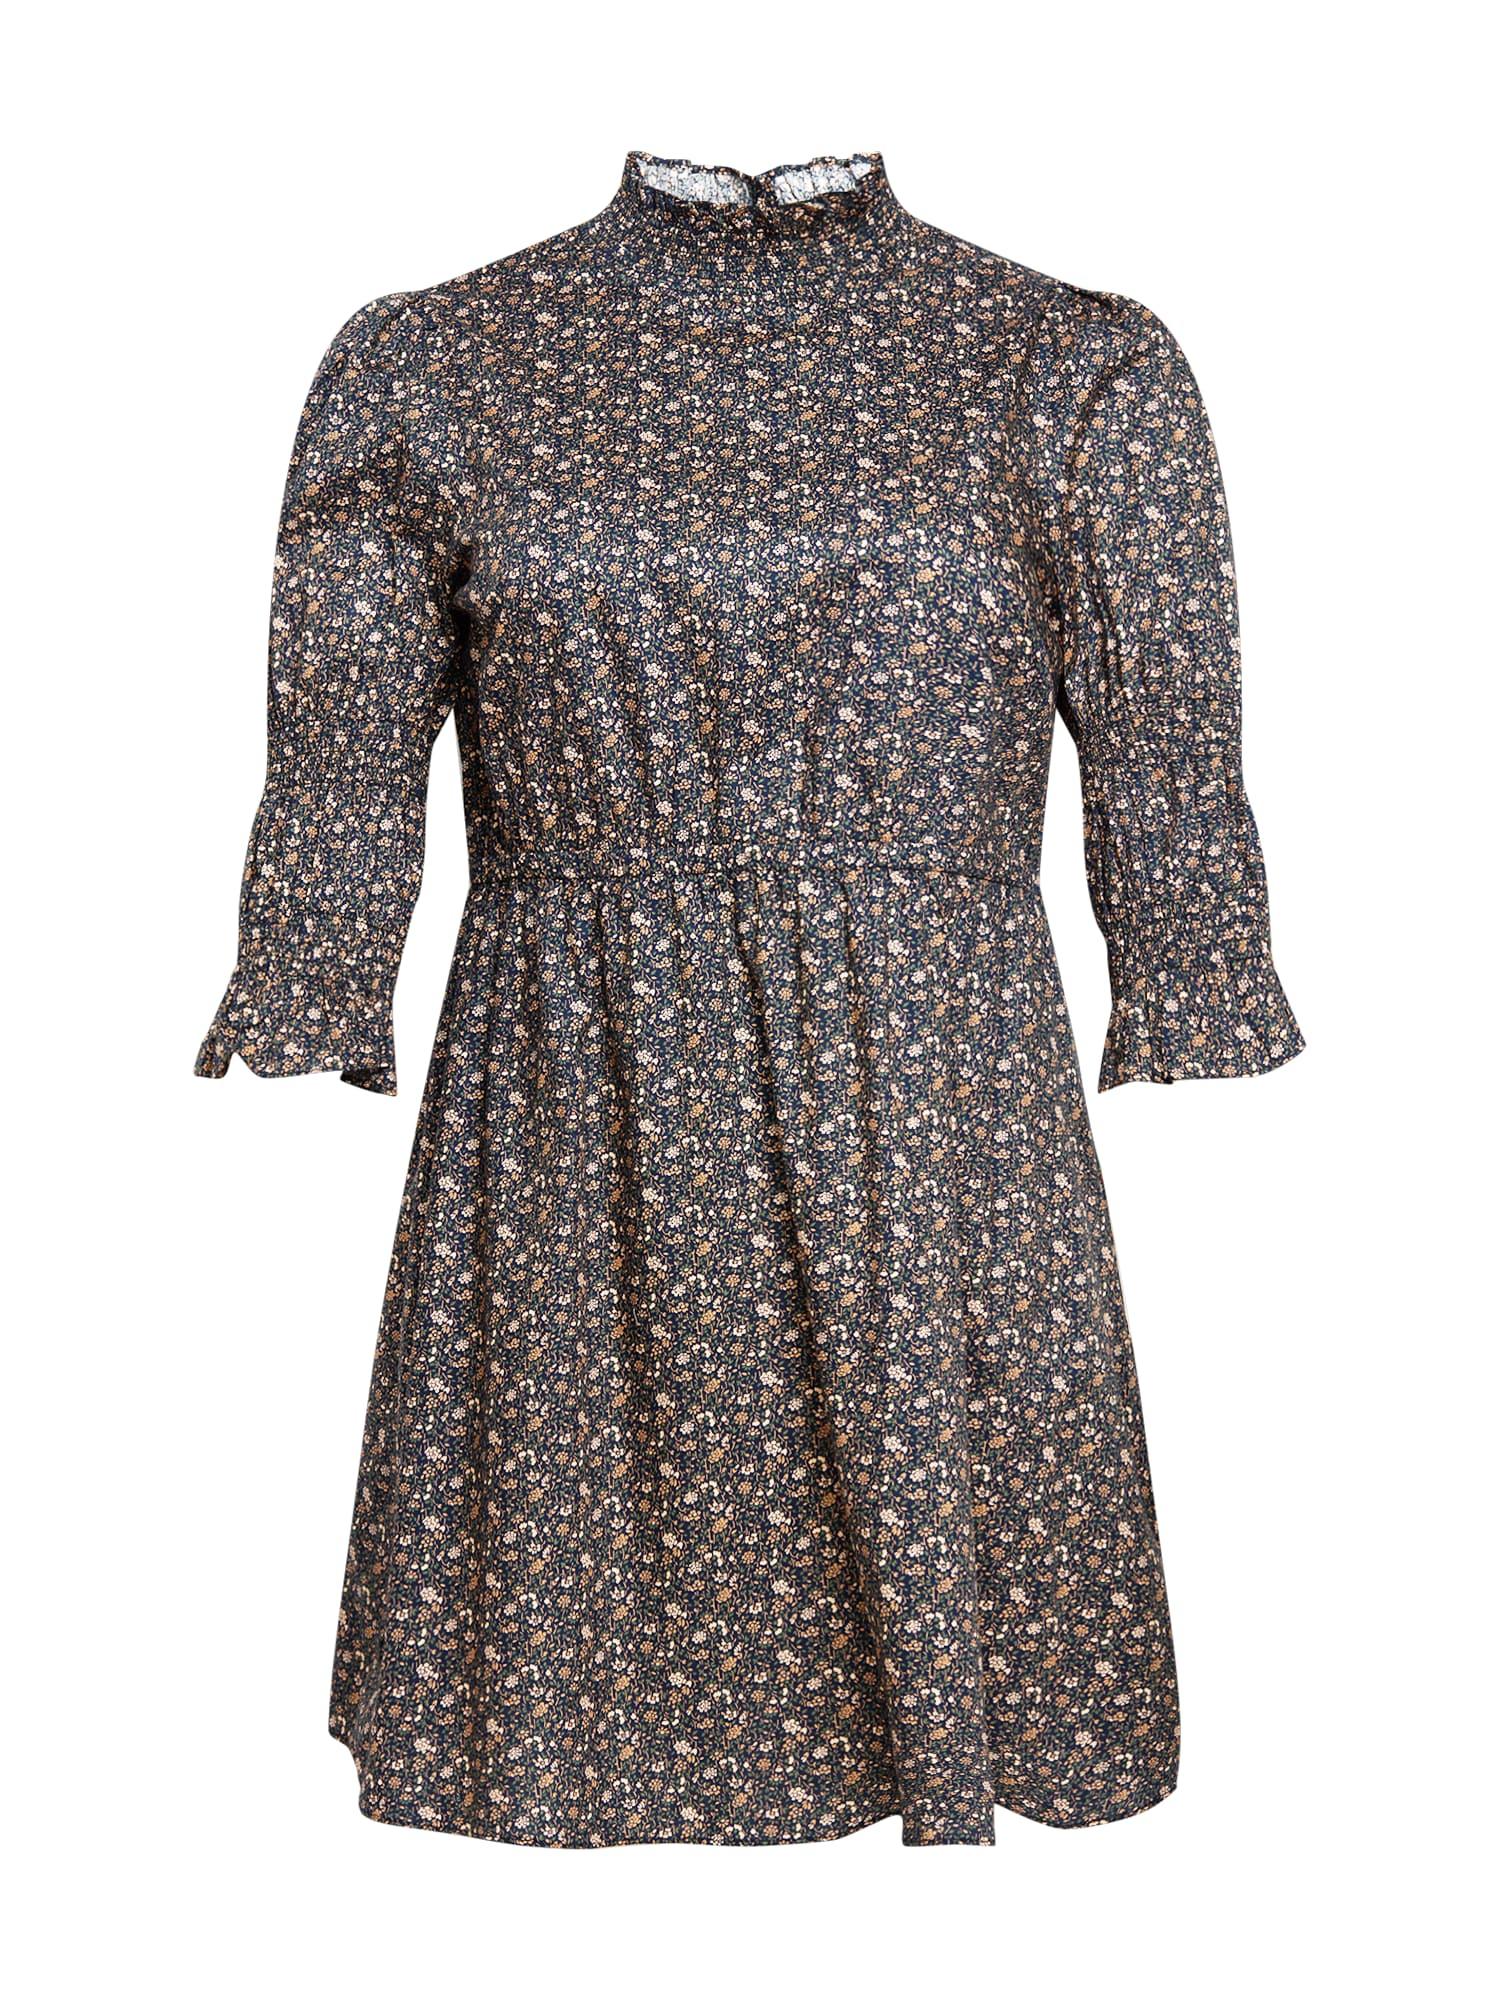 GLAMOROUS CURVE Suknelė mišrios spalvos